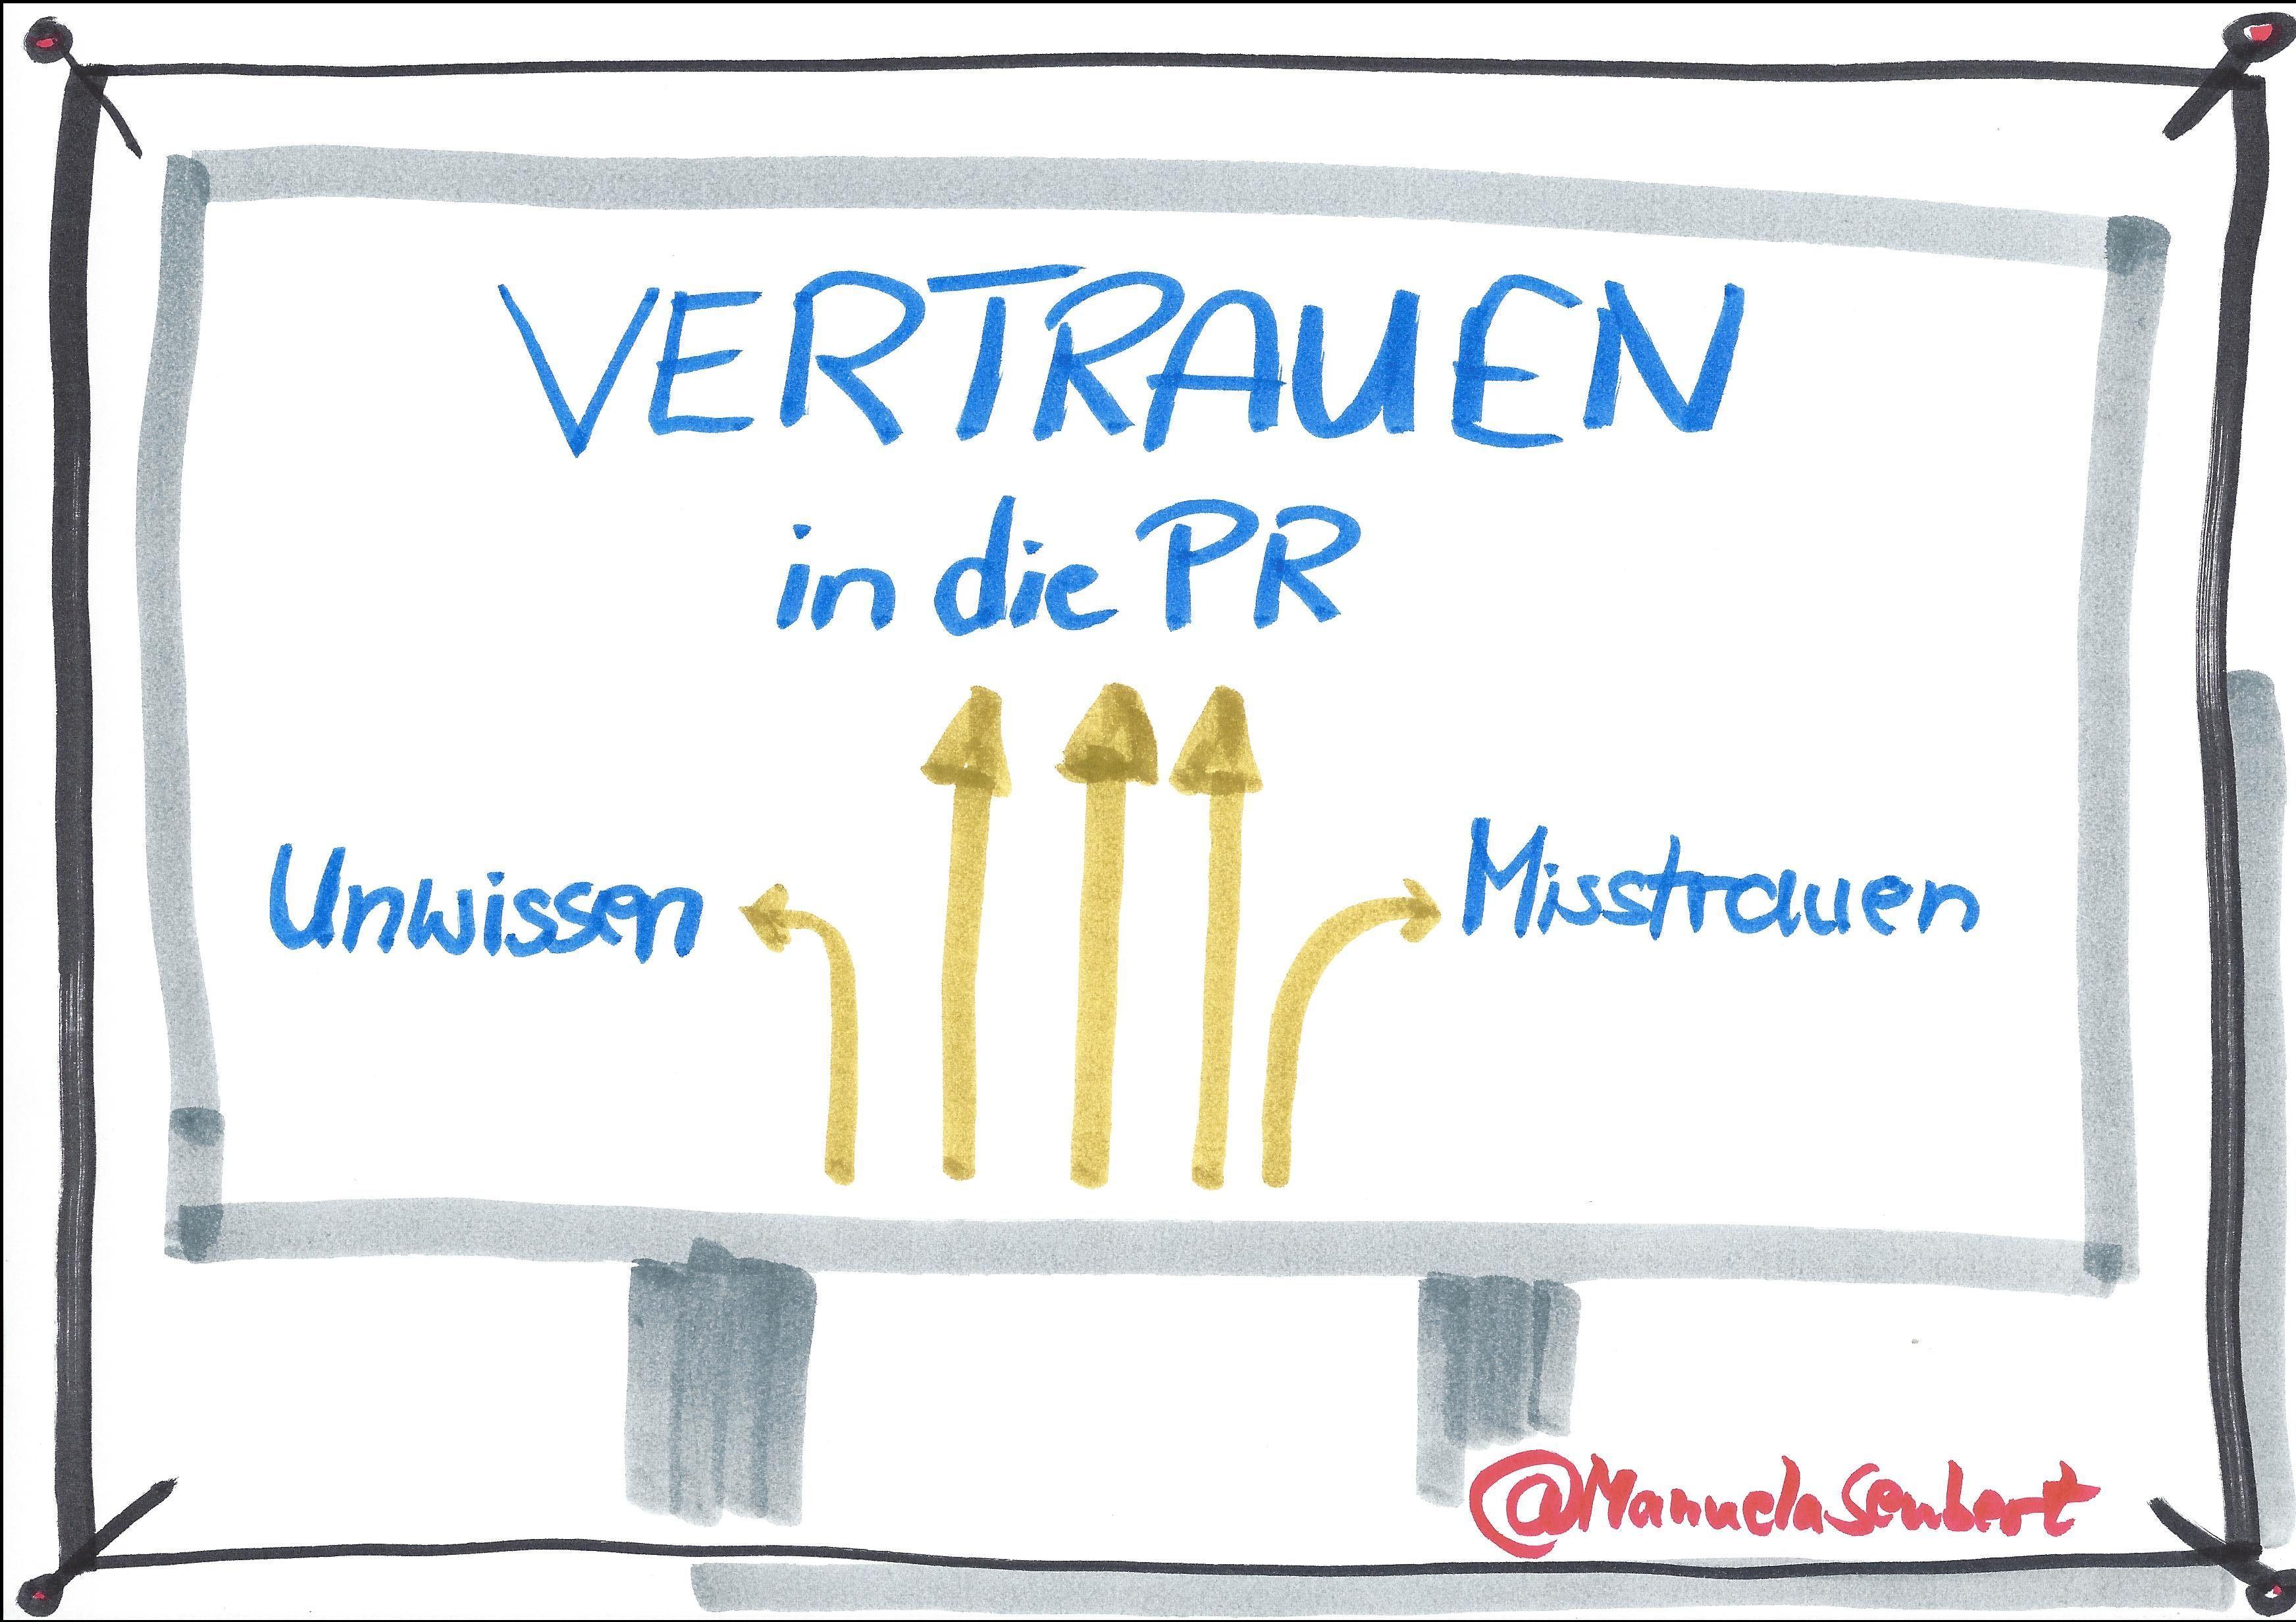 Kaum Vertrauen In Pr Verantwortliche Tics19 Vertrauen Selbsteinschatzung Deutsche Bevolkerung